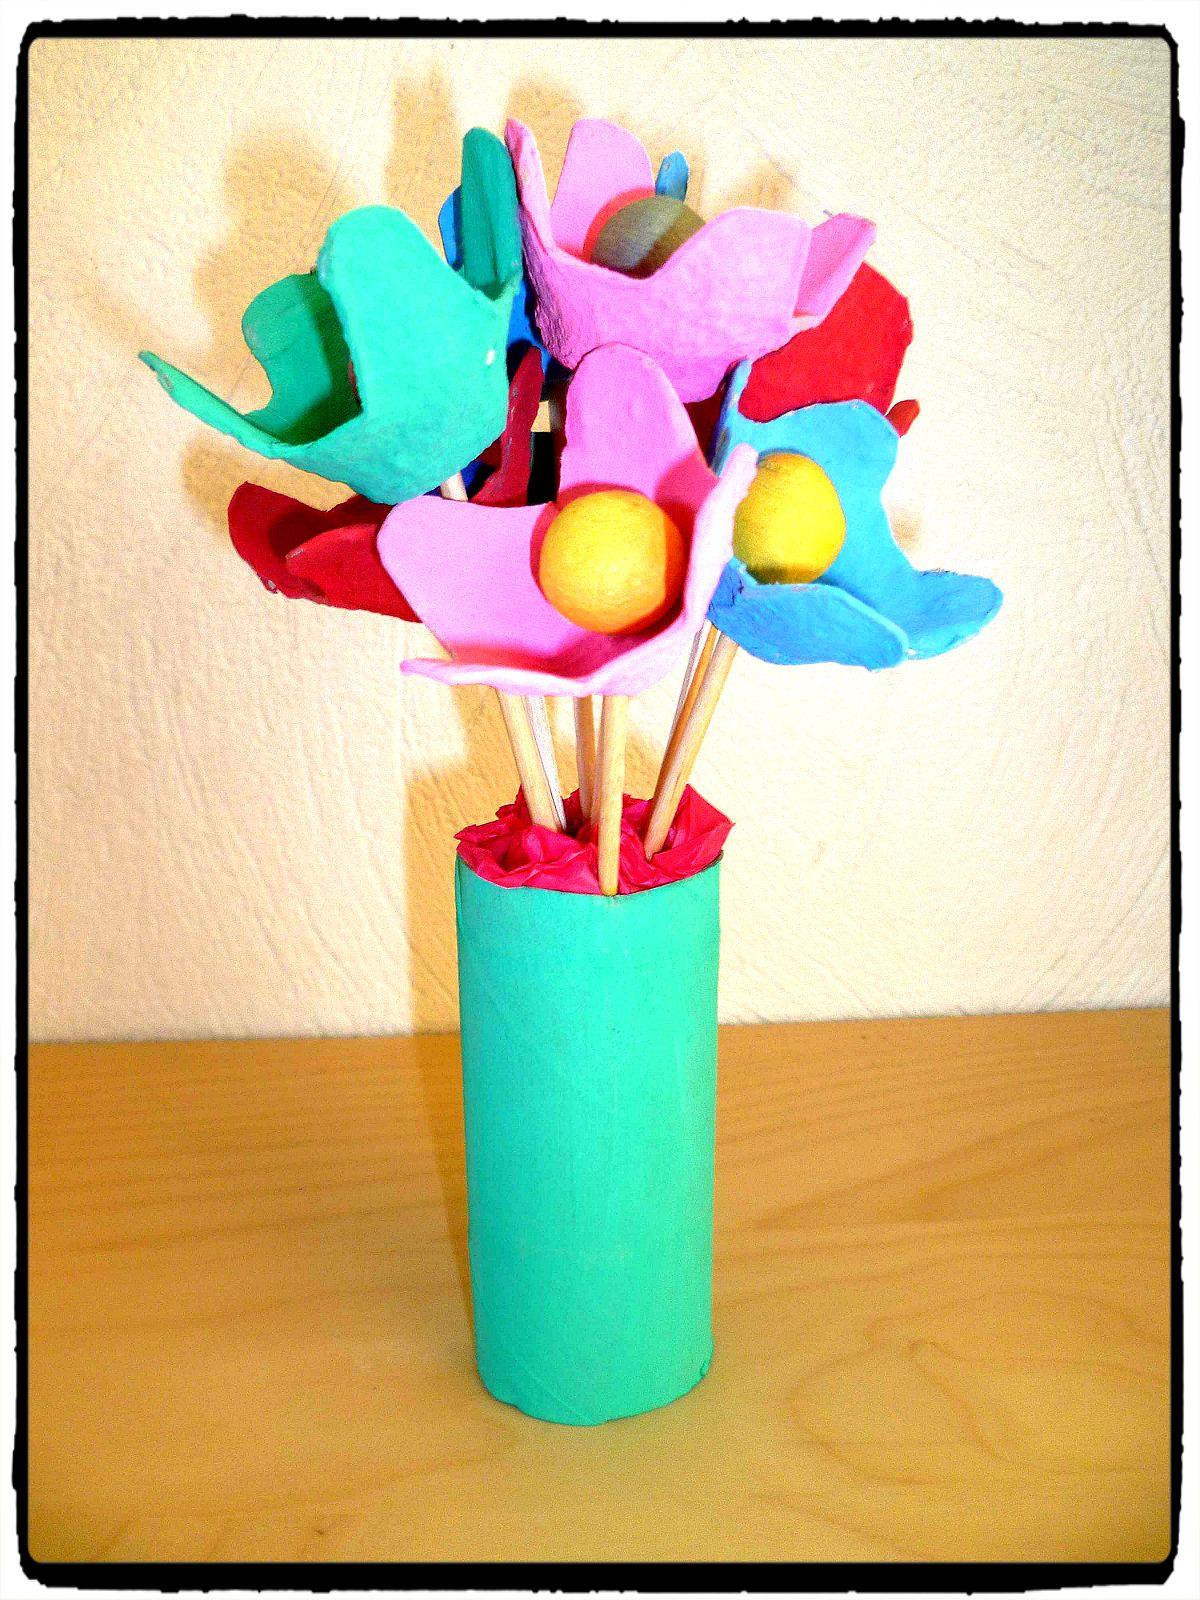 fleurs avec bo te d 39 oeufs printemps pinterest boite. Black Bedroom Furniture Sets. Home Design Ideas